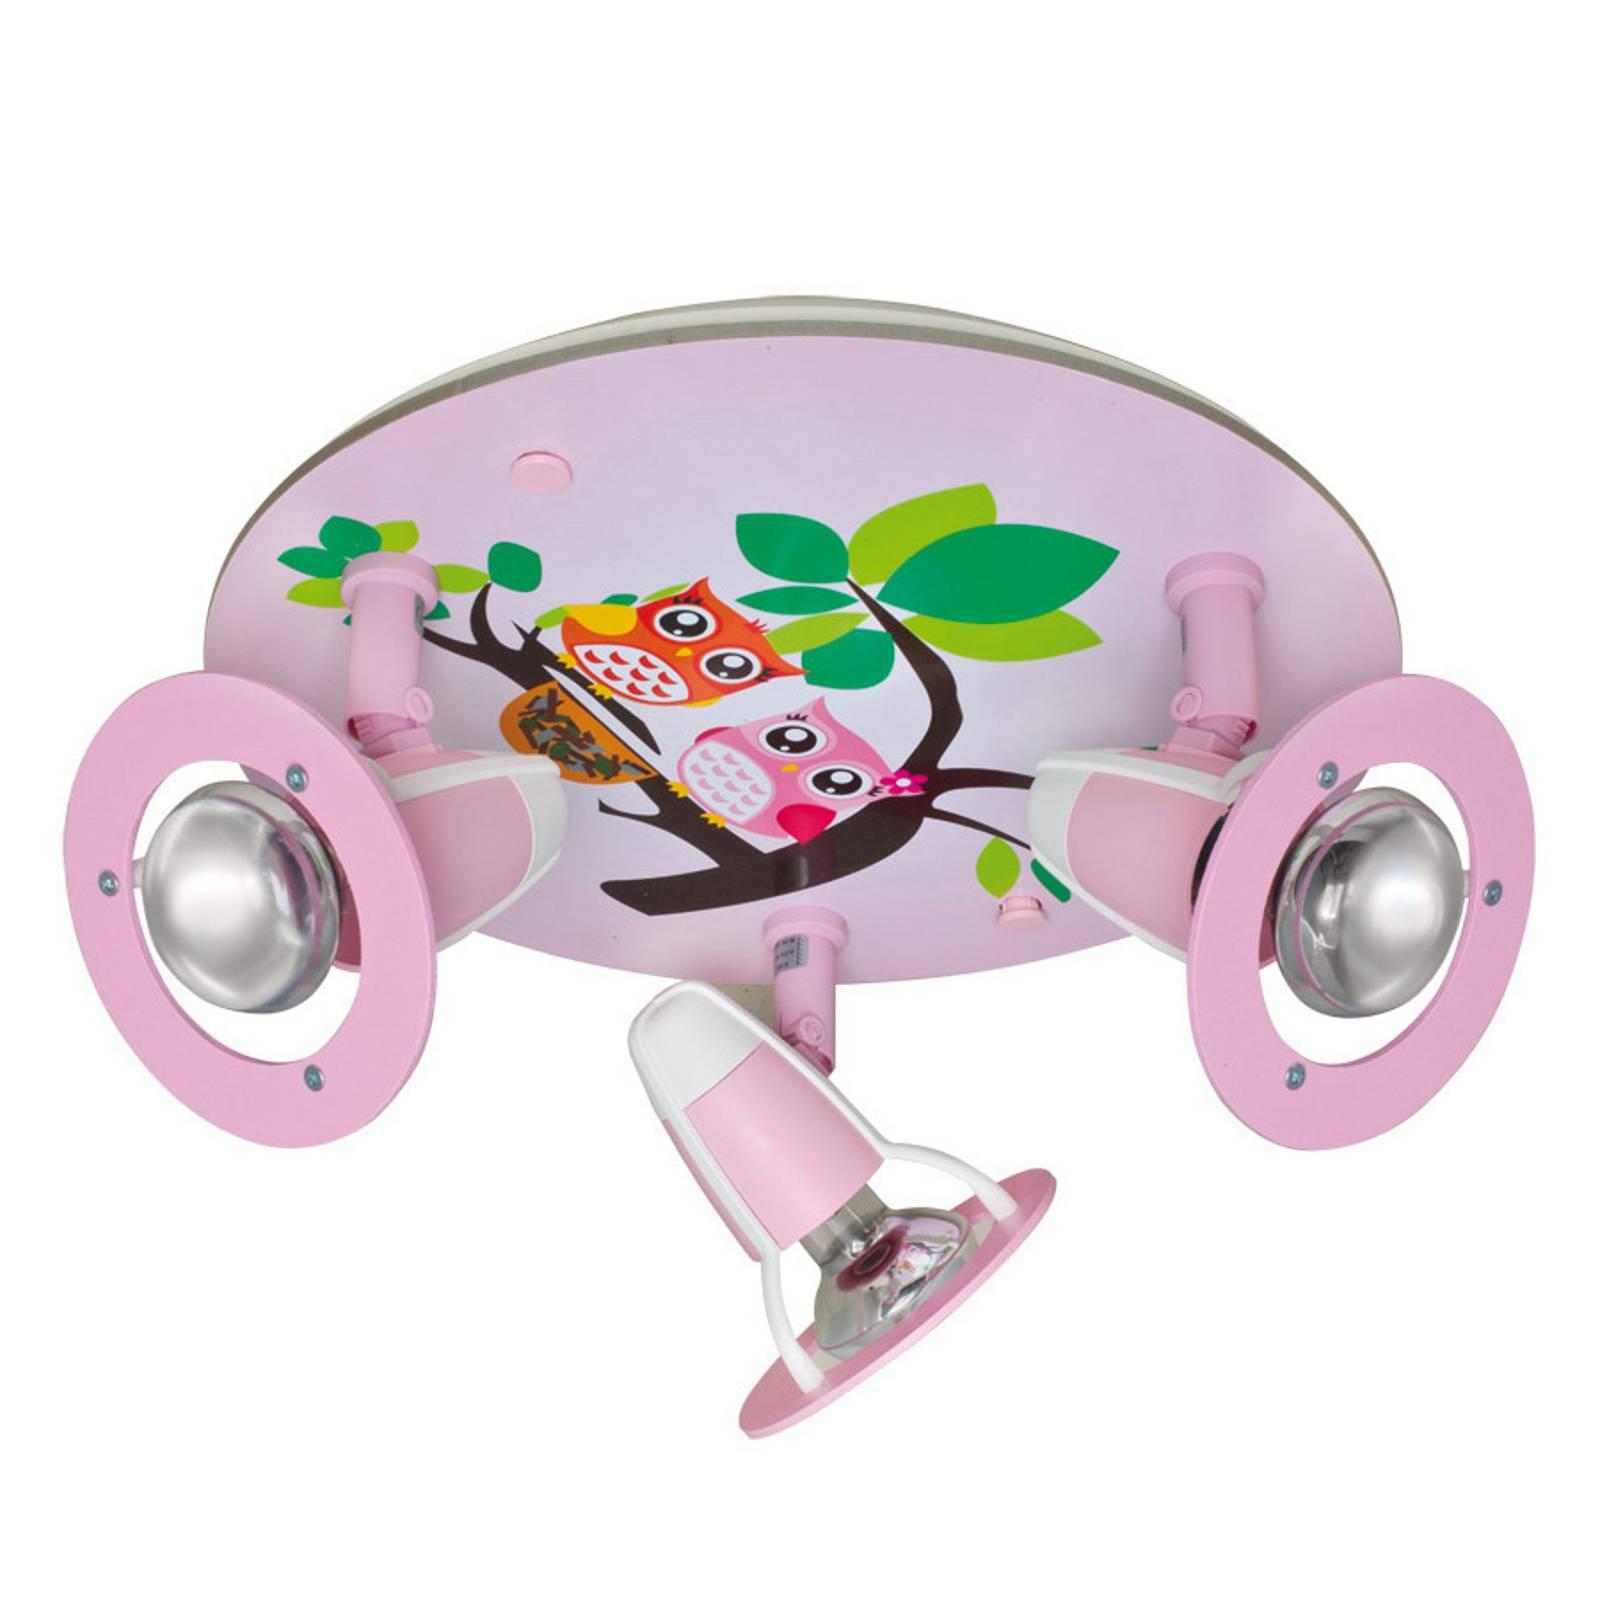 Lastenhuoneen Pöllö-kattovalaisin, roosa